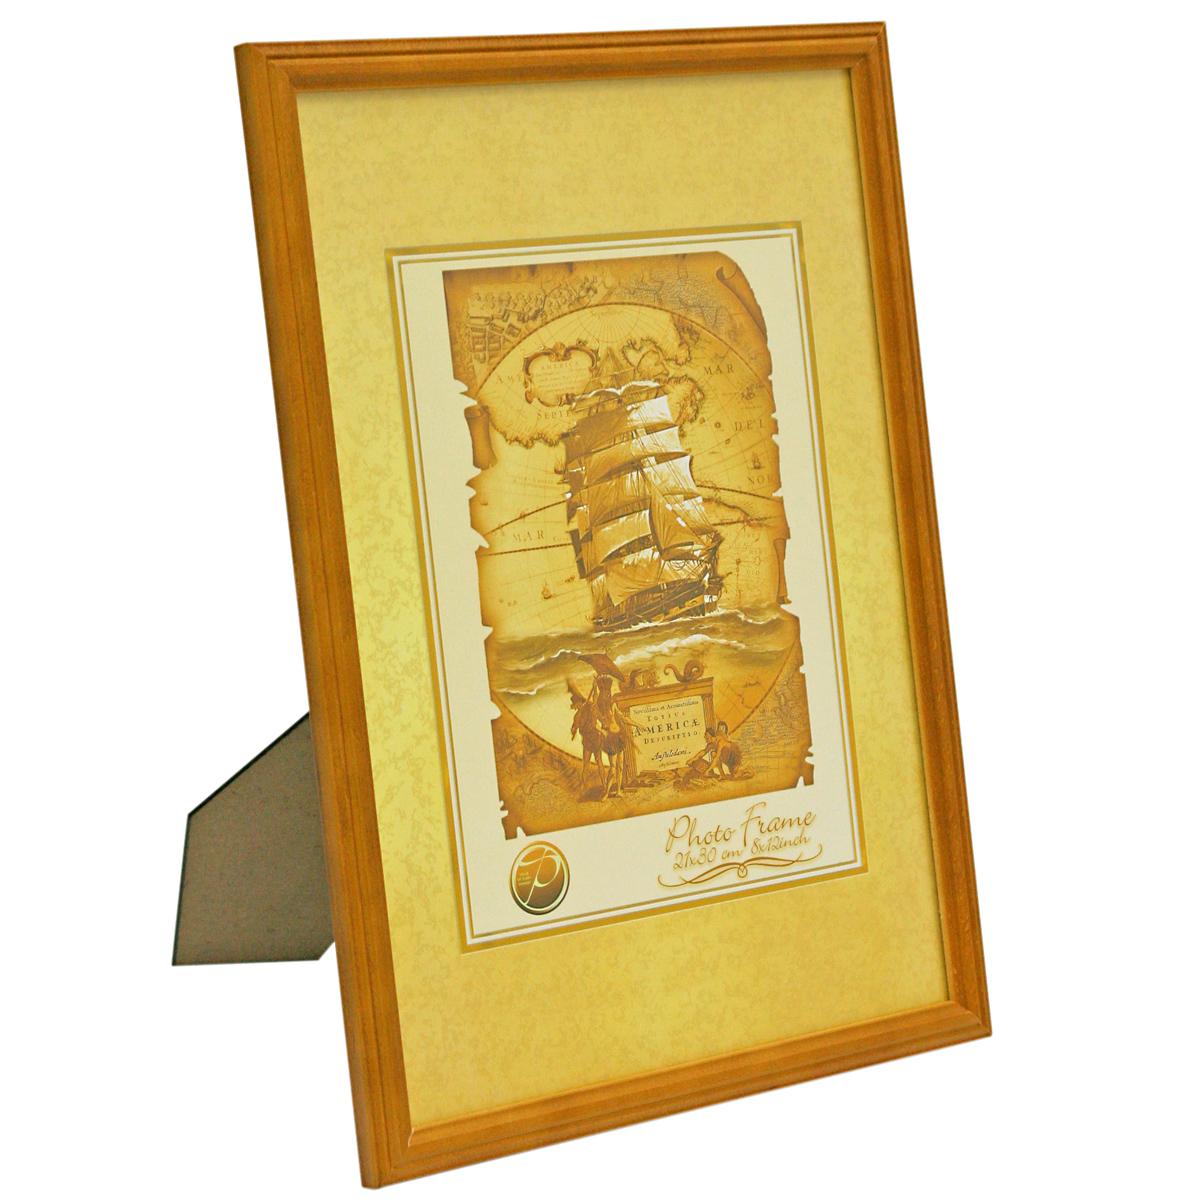 Фоторамка Veld-Co, деревянная, цвет: светло-коричневый, 10 х 15 см6268Фоторамка Veld-Co выполнена из дерева и стекла, которое защищает фотографию. Задняясторона рамки оснащена специальной ножкой, благодаря которой ее можно поставить на столили любое другое место в доме или офисе. Рамка оснащена двумя специальными отверстиямидля подвешивания на стену.Такая фоторамка поможет вам оригинально и стильно дополнить интерьер помещения, а такжепозволит сохранить память о дорогих вам людях и интересных событиях вашей жизни.